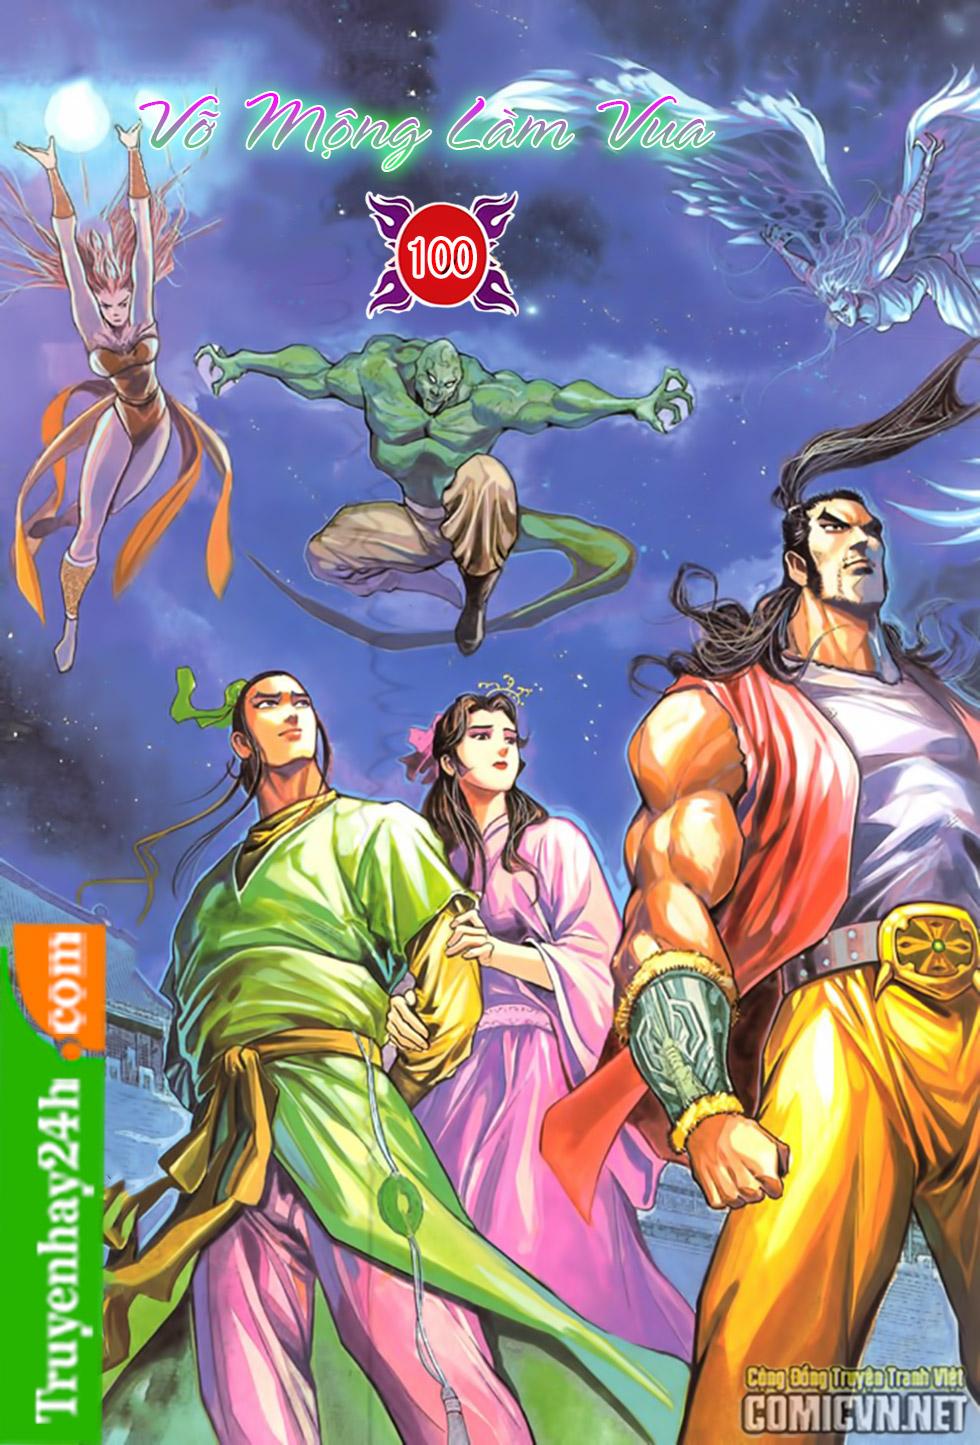 Thiên Long Bát Bộ chap 100 – End Trang 1 - Mangak.info